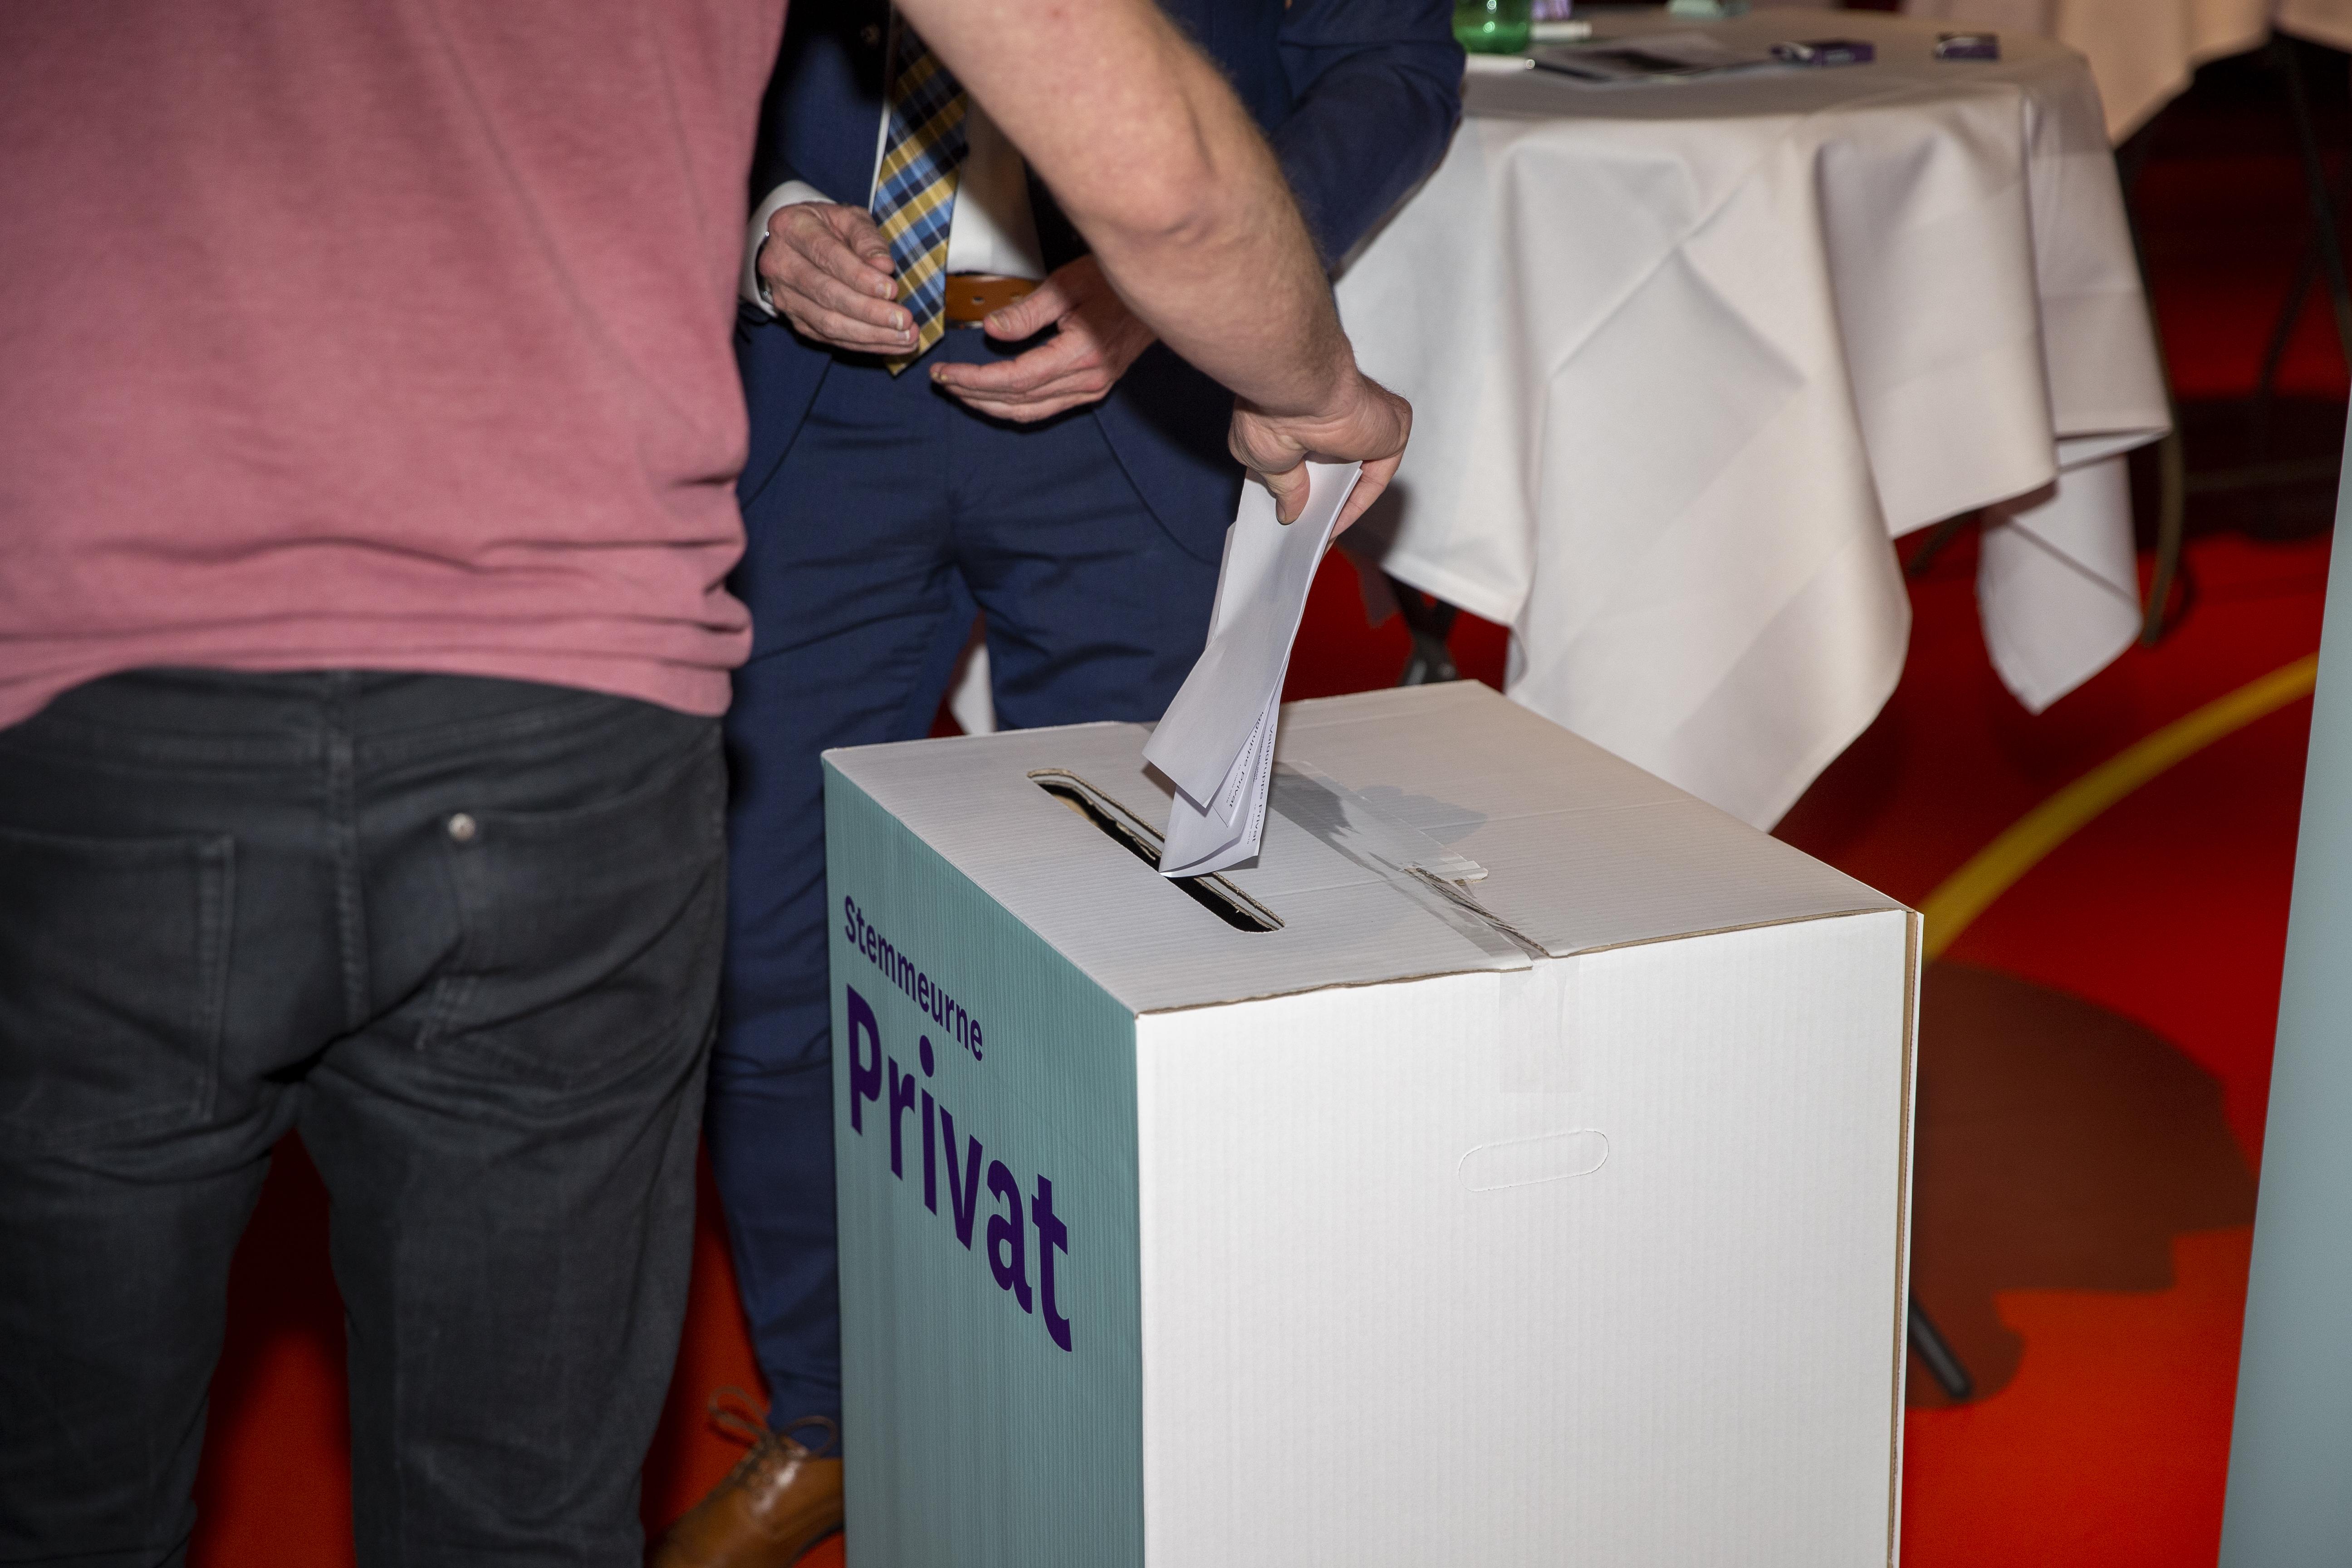 Valg i Forenet Kredit 2019